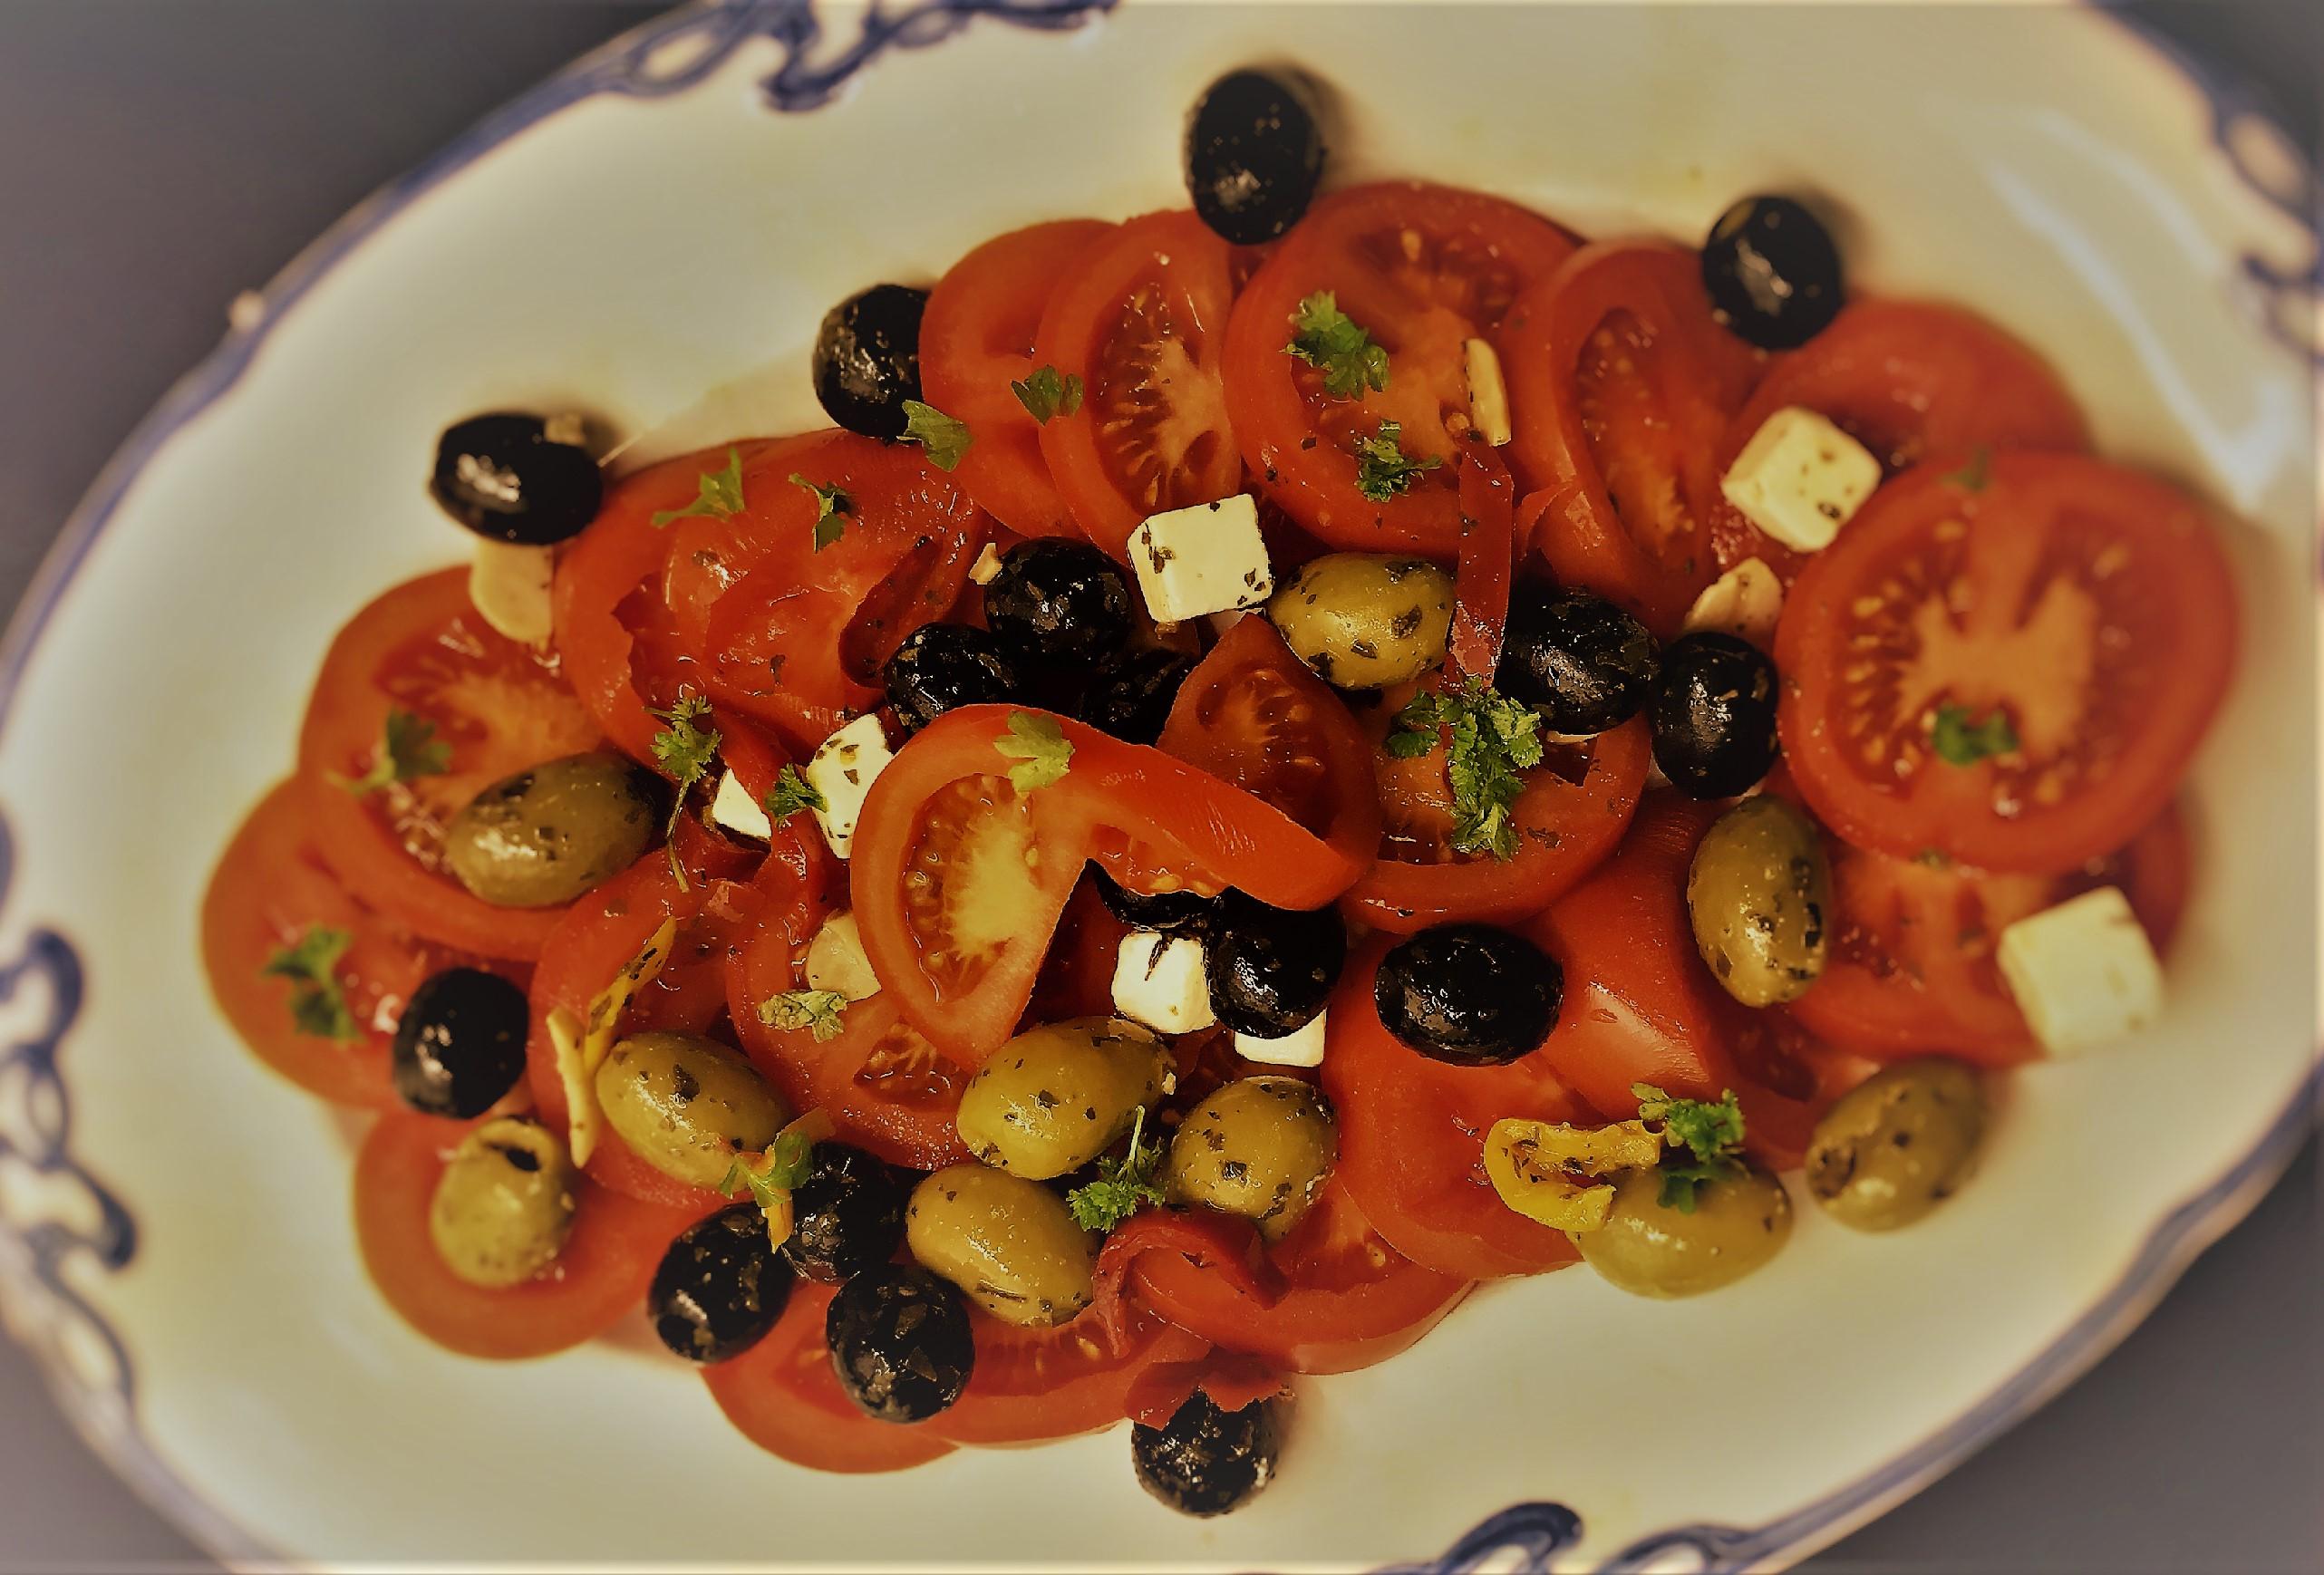 Tomatsalat, tomat, salat, opskrift, sund, hjerte, superotium, oliven, grønne oliven, sorte oliven